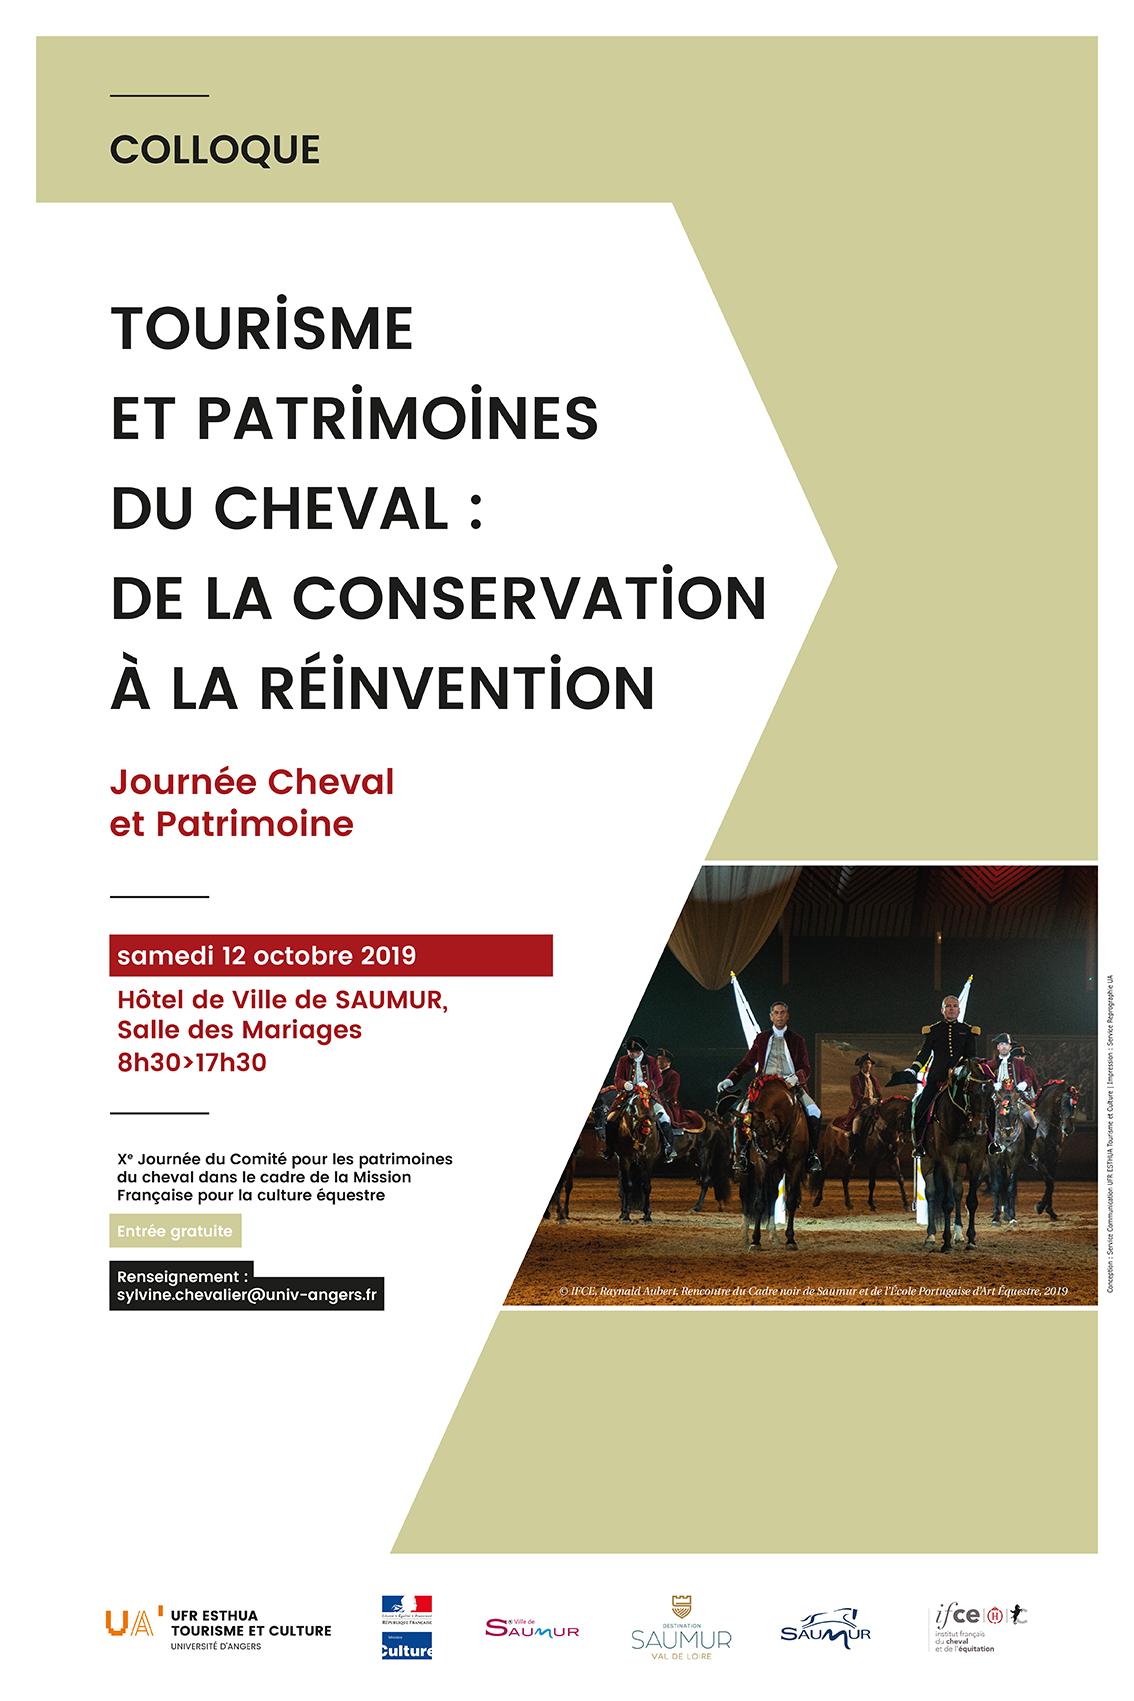 Saumur. Un colloque autour du tourisme équestre le samedi 12 octobre